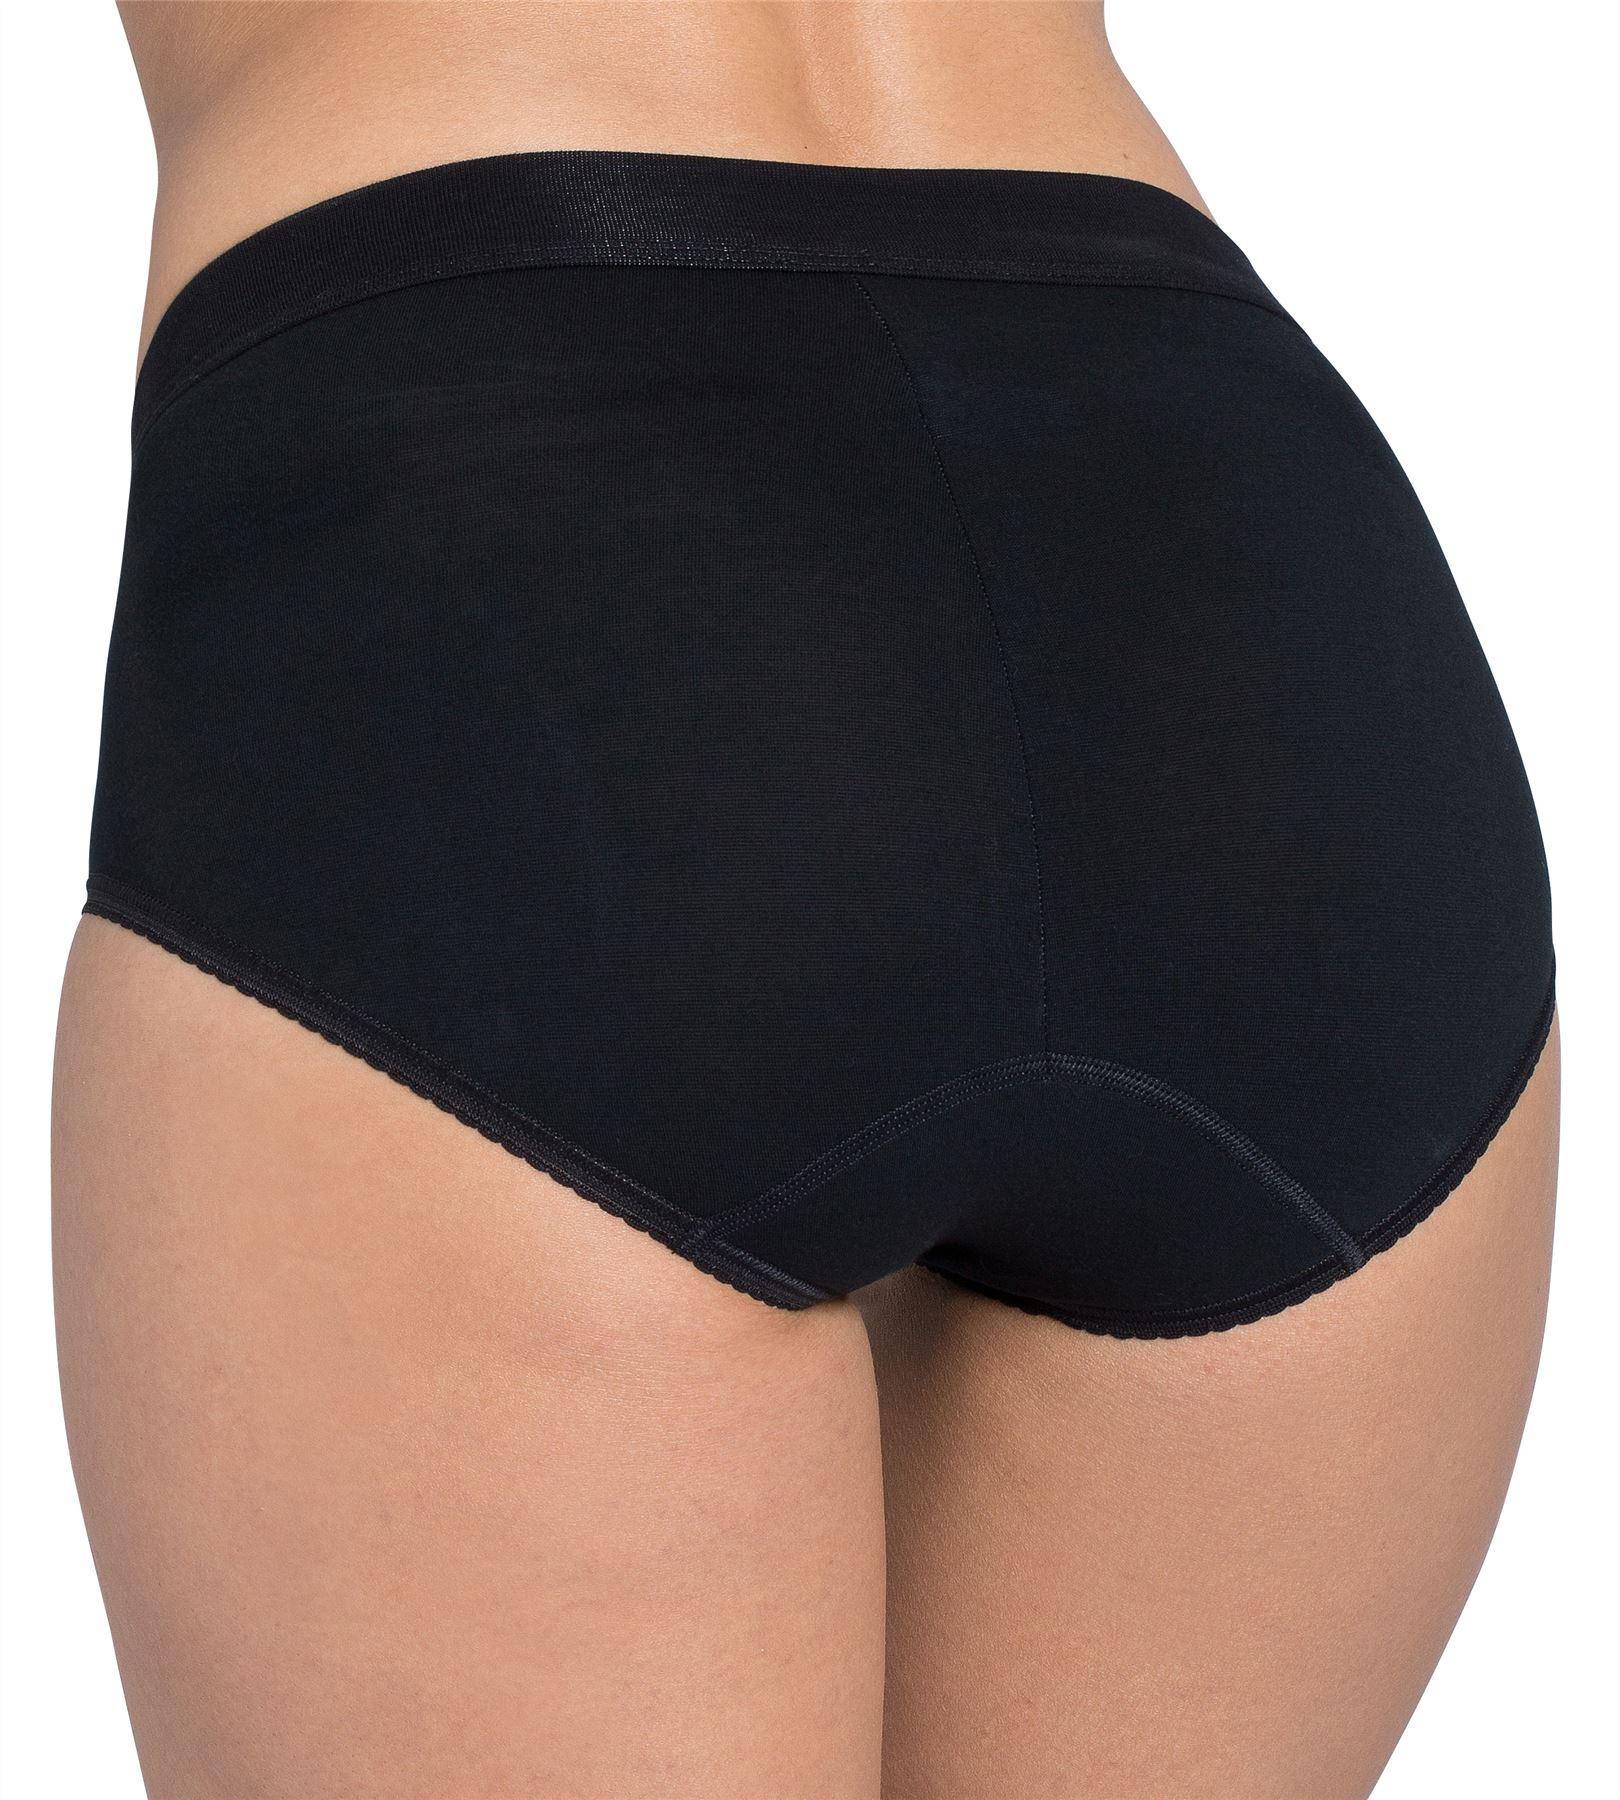 Womens Ladies Sloggi Double Comfort Cotton Rich Maxi Brief White or Black